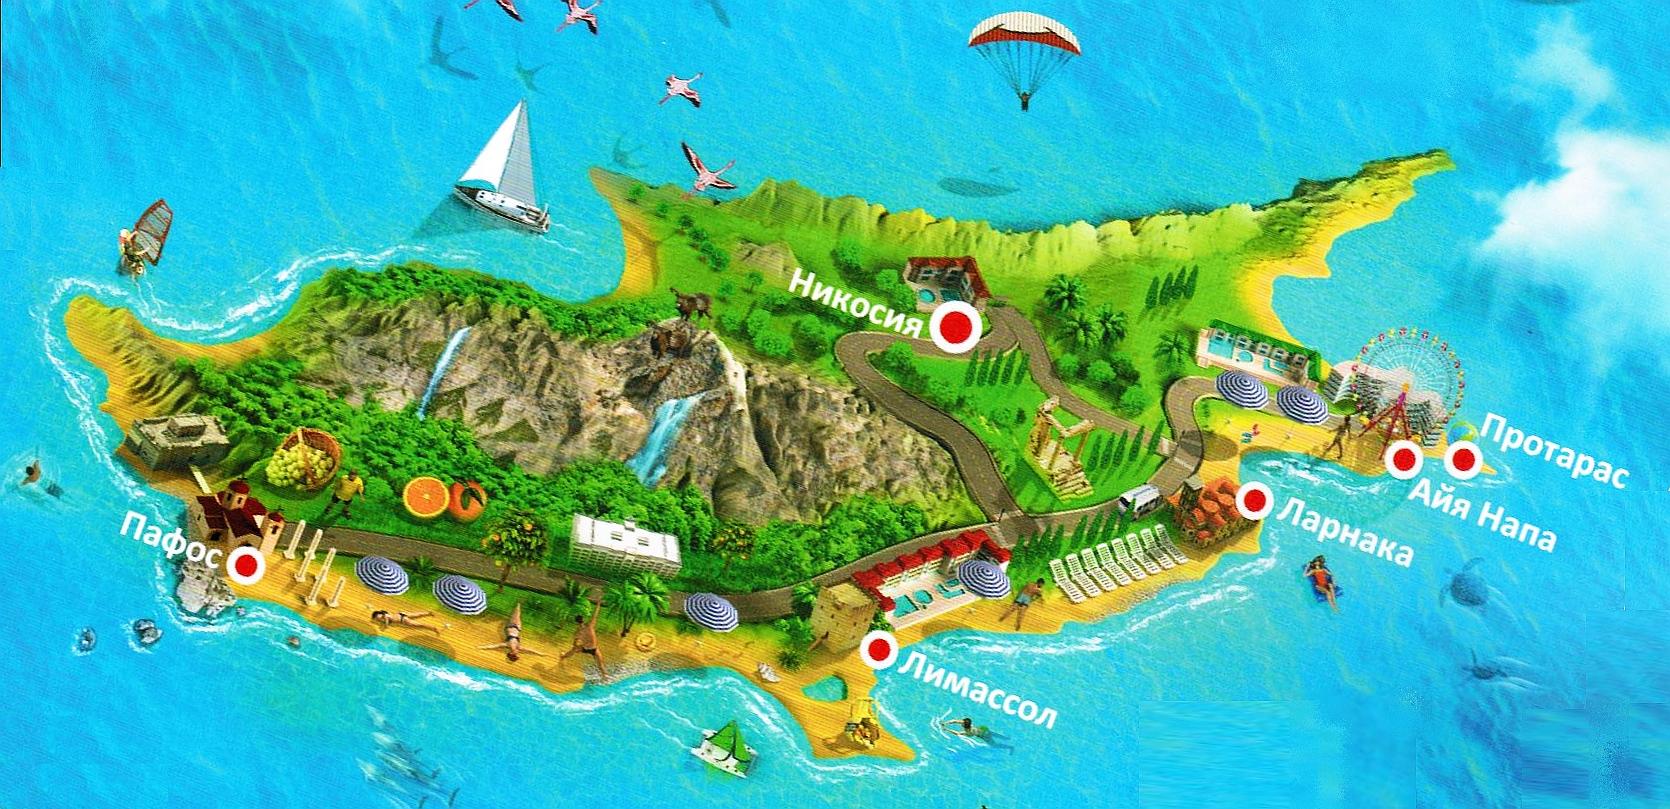 Стоимость путевок на кипрские курорты взлетела почти на 50%